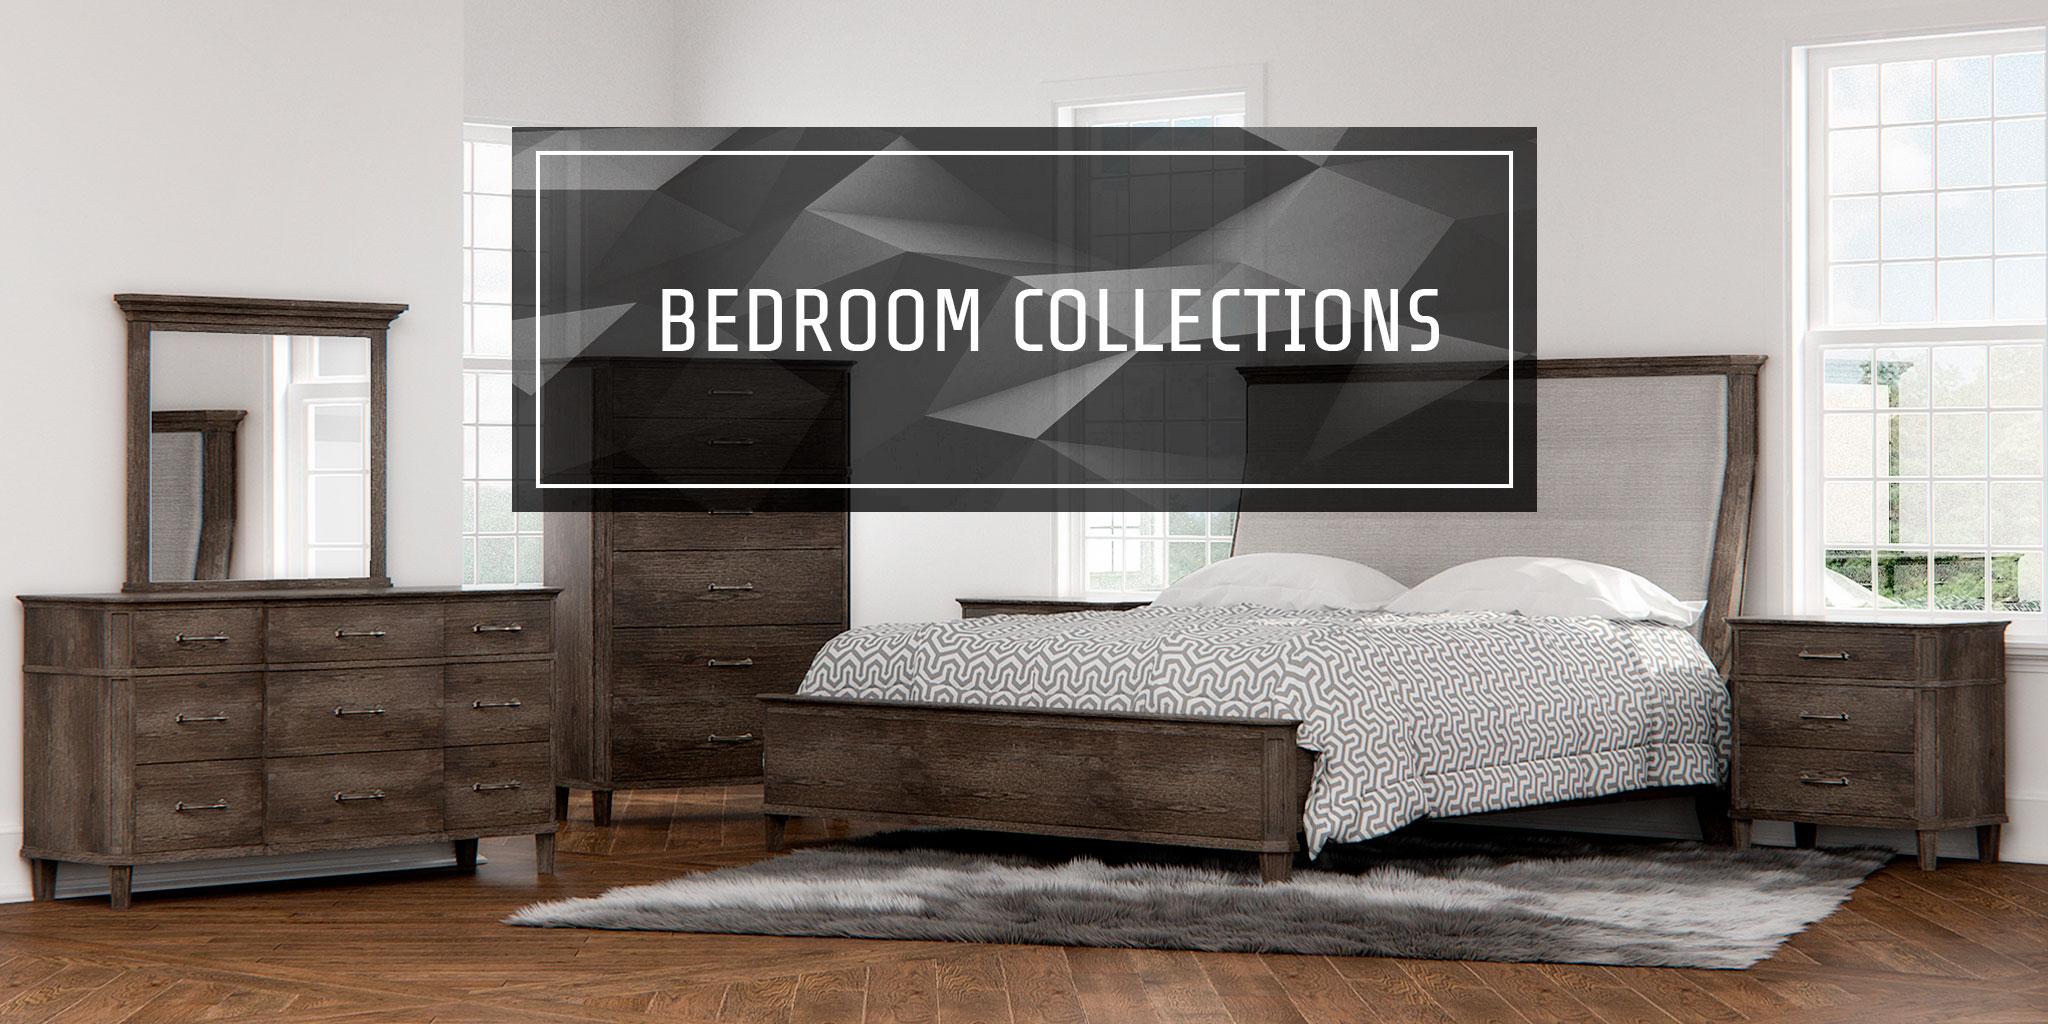 Bedroom Collections Banner Rendernode 3d Models